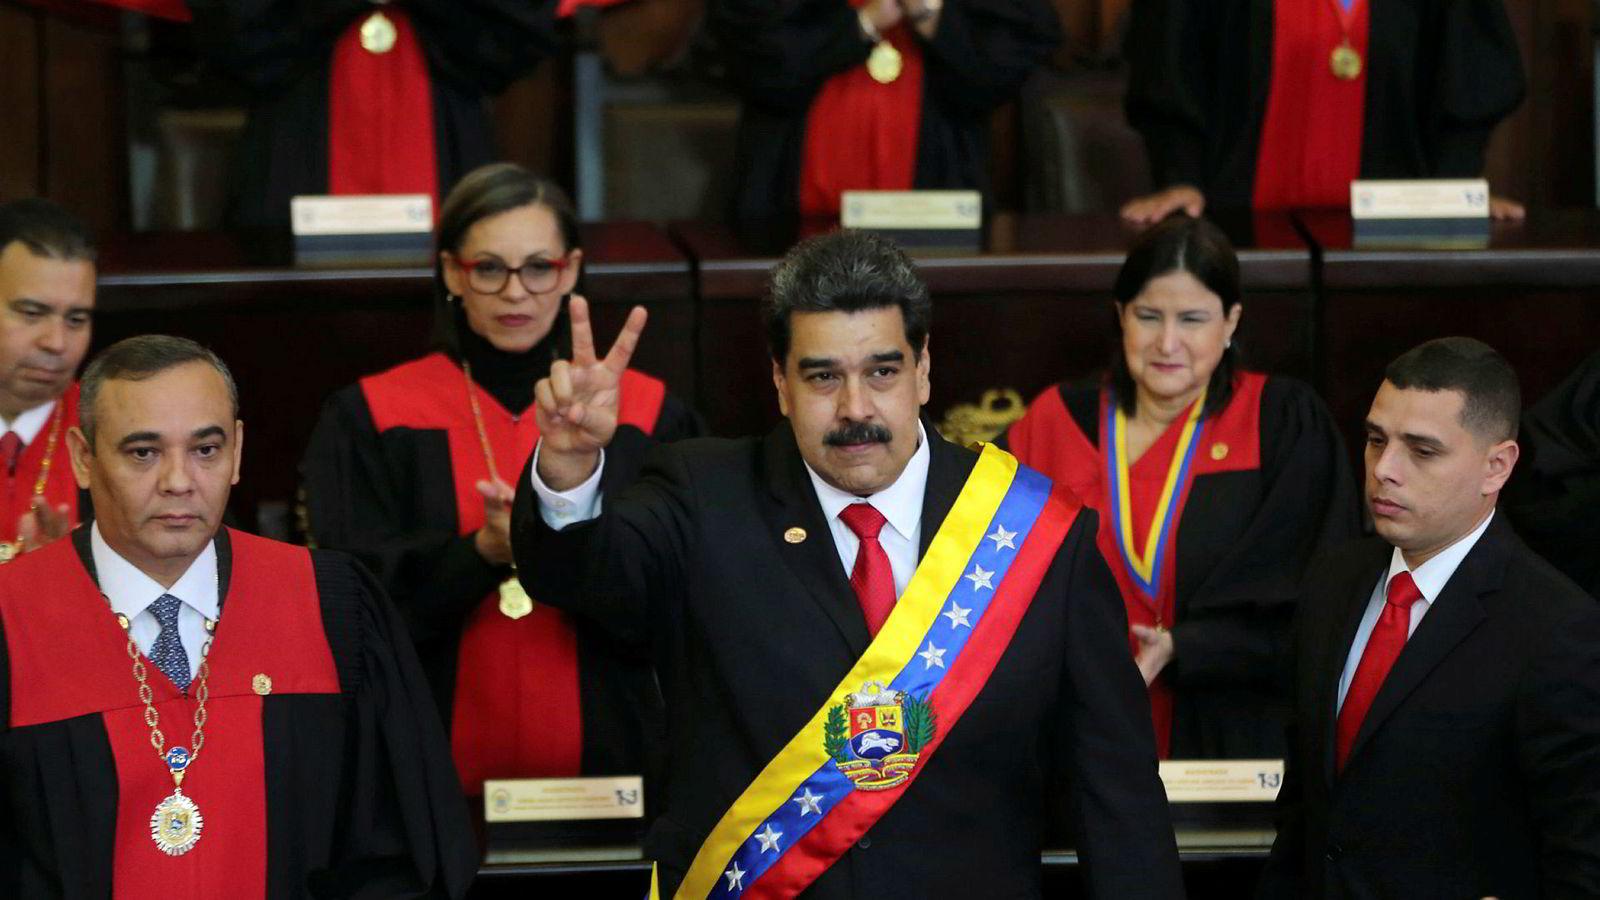 Den sosialistiske regjeringen til Nicolás Maduro har gitt matmangel, hyperinflasjon, korrupsjon og masseflukt. Folket har snudd seg mot regimet.